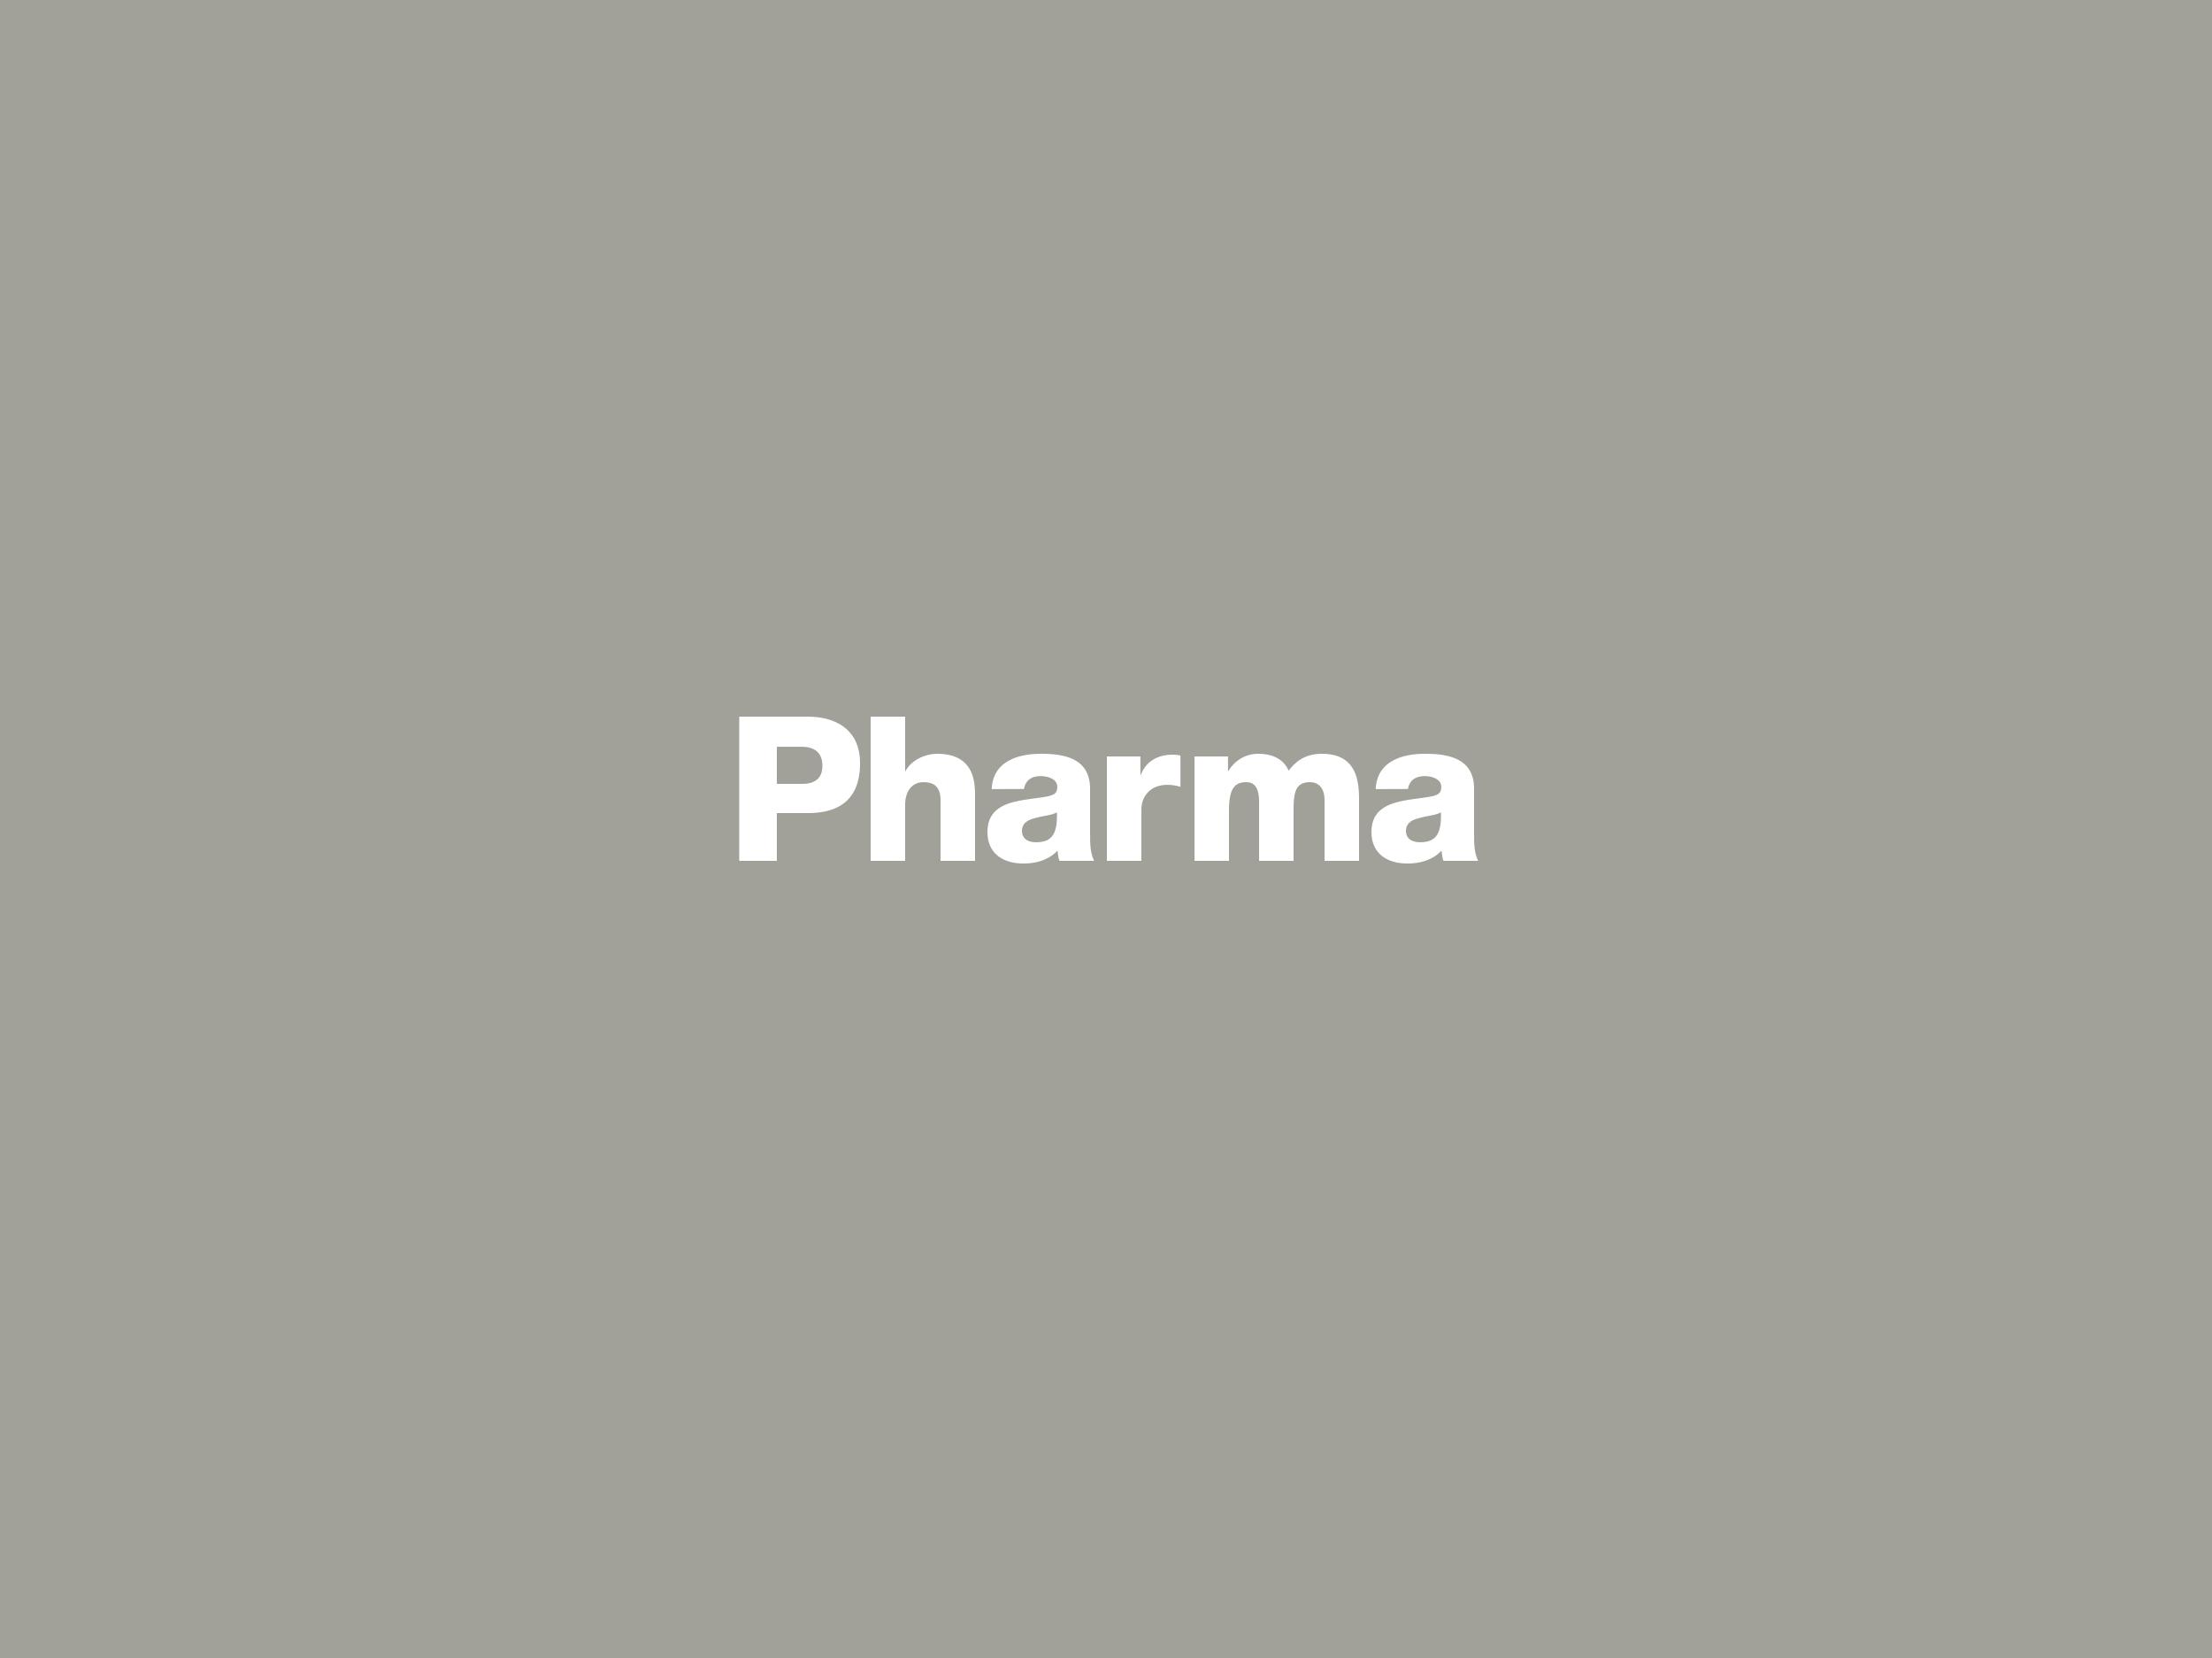 Pharma tile.png